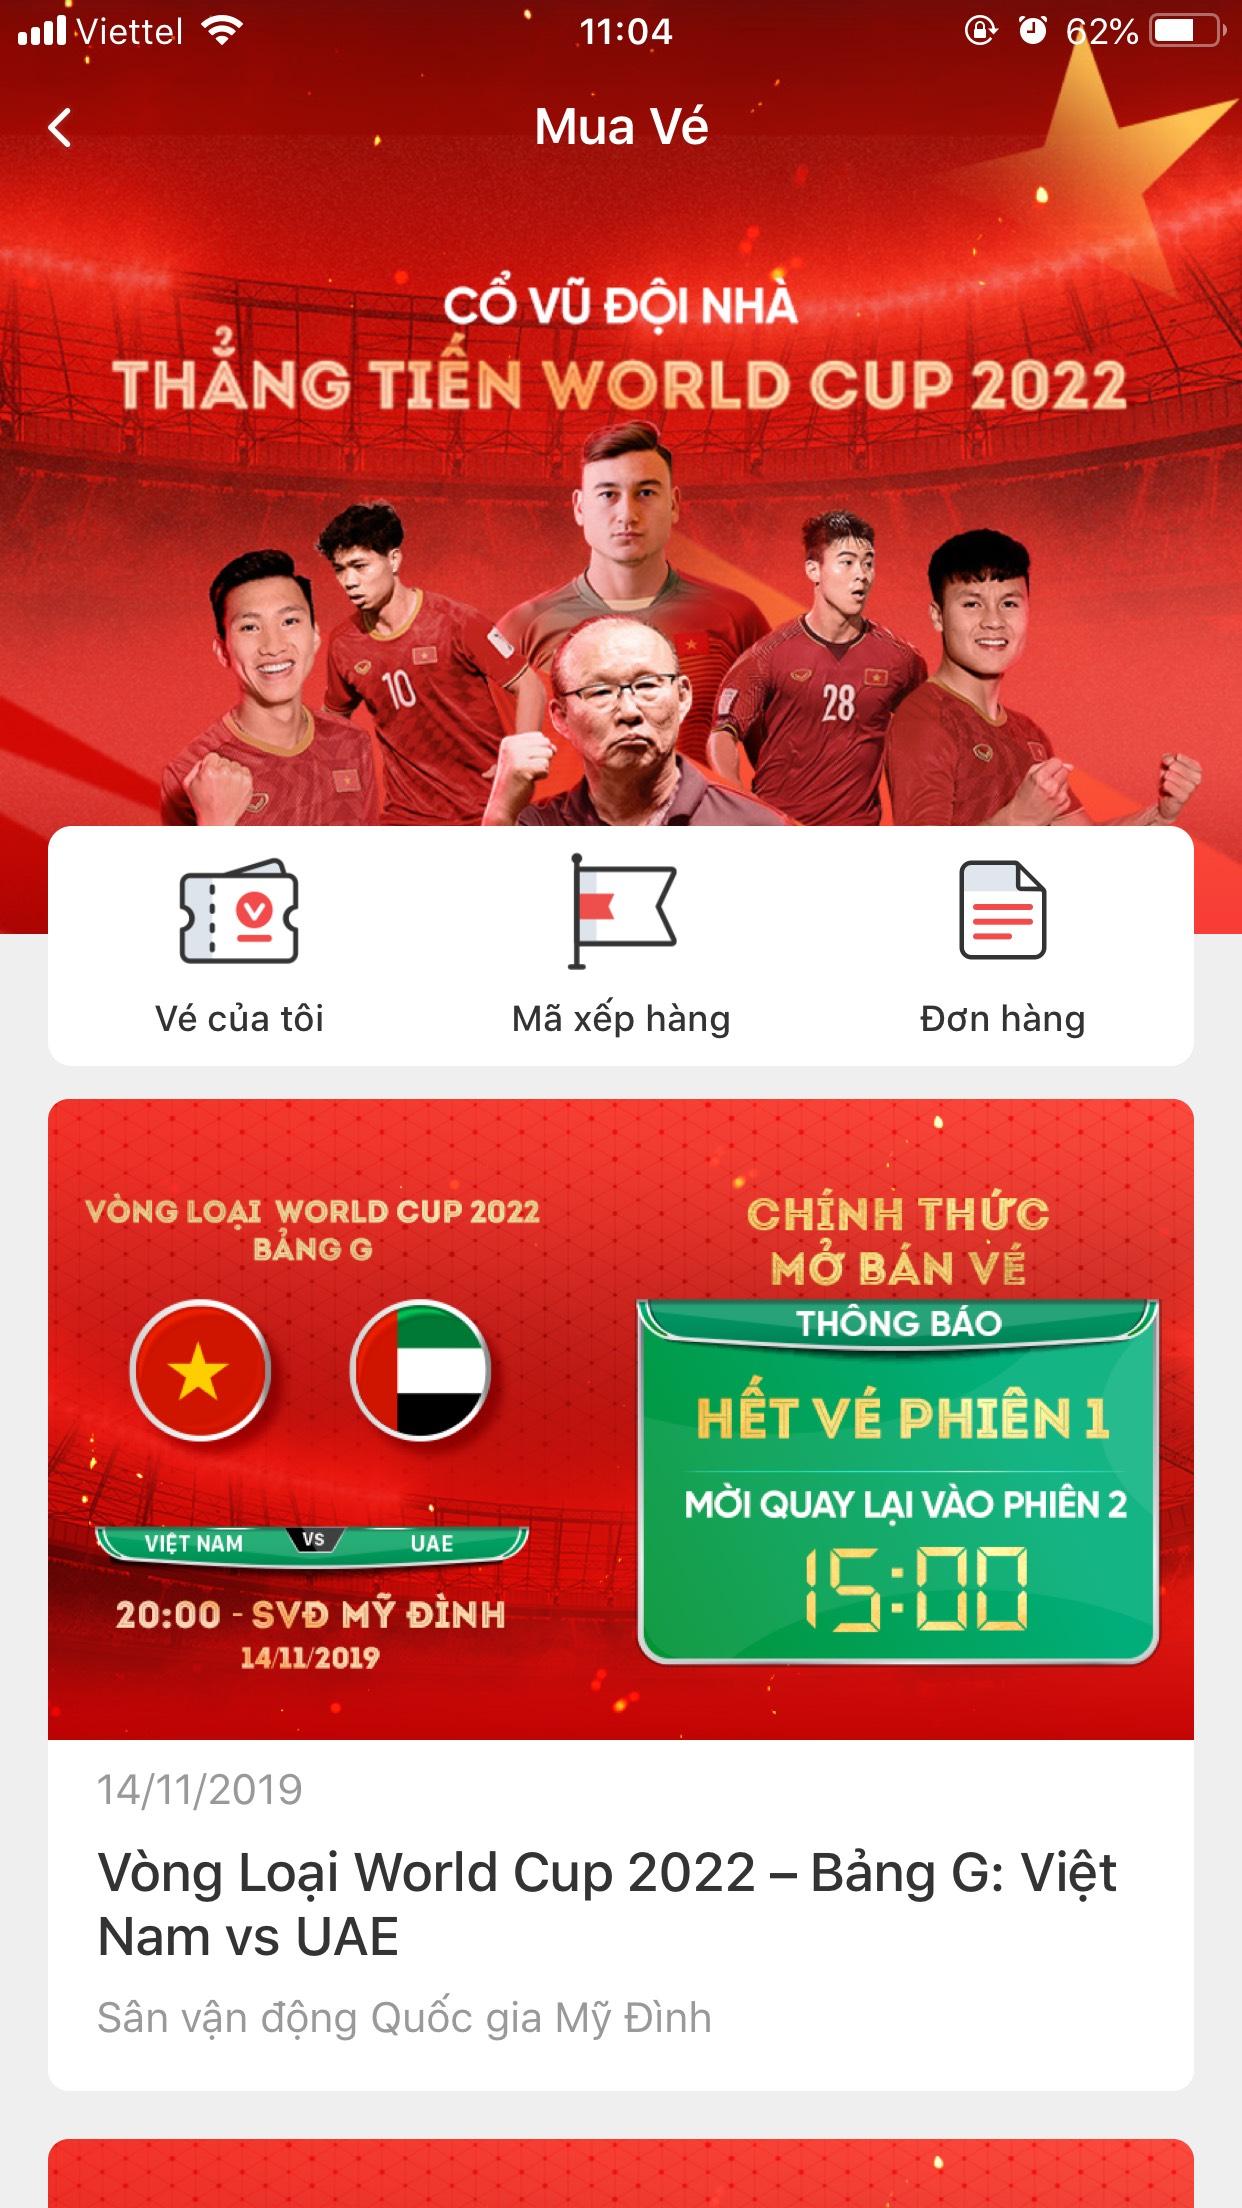 ĐT Việt Nam gây sốt ở vòng loại World Cup, vé trận đấu với UAE hết trong 2 phút - 2